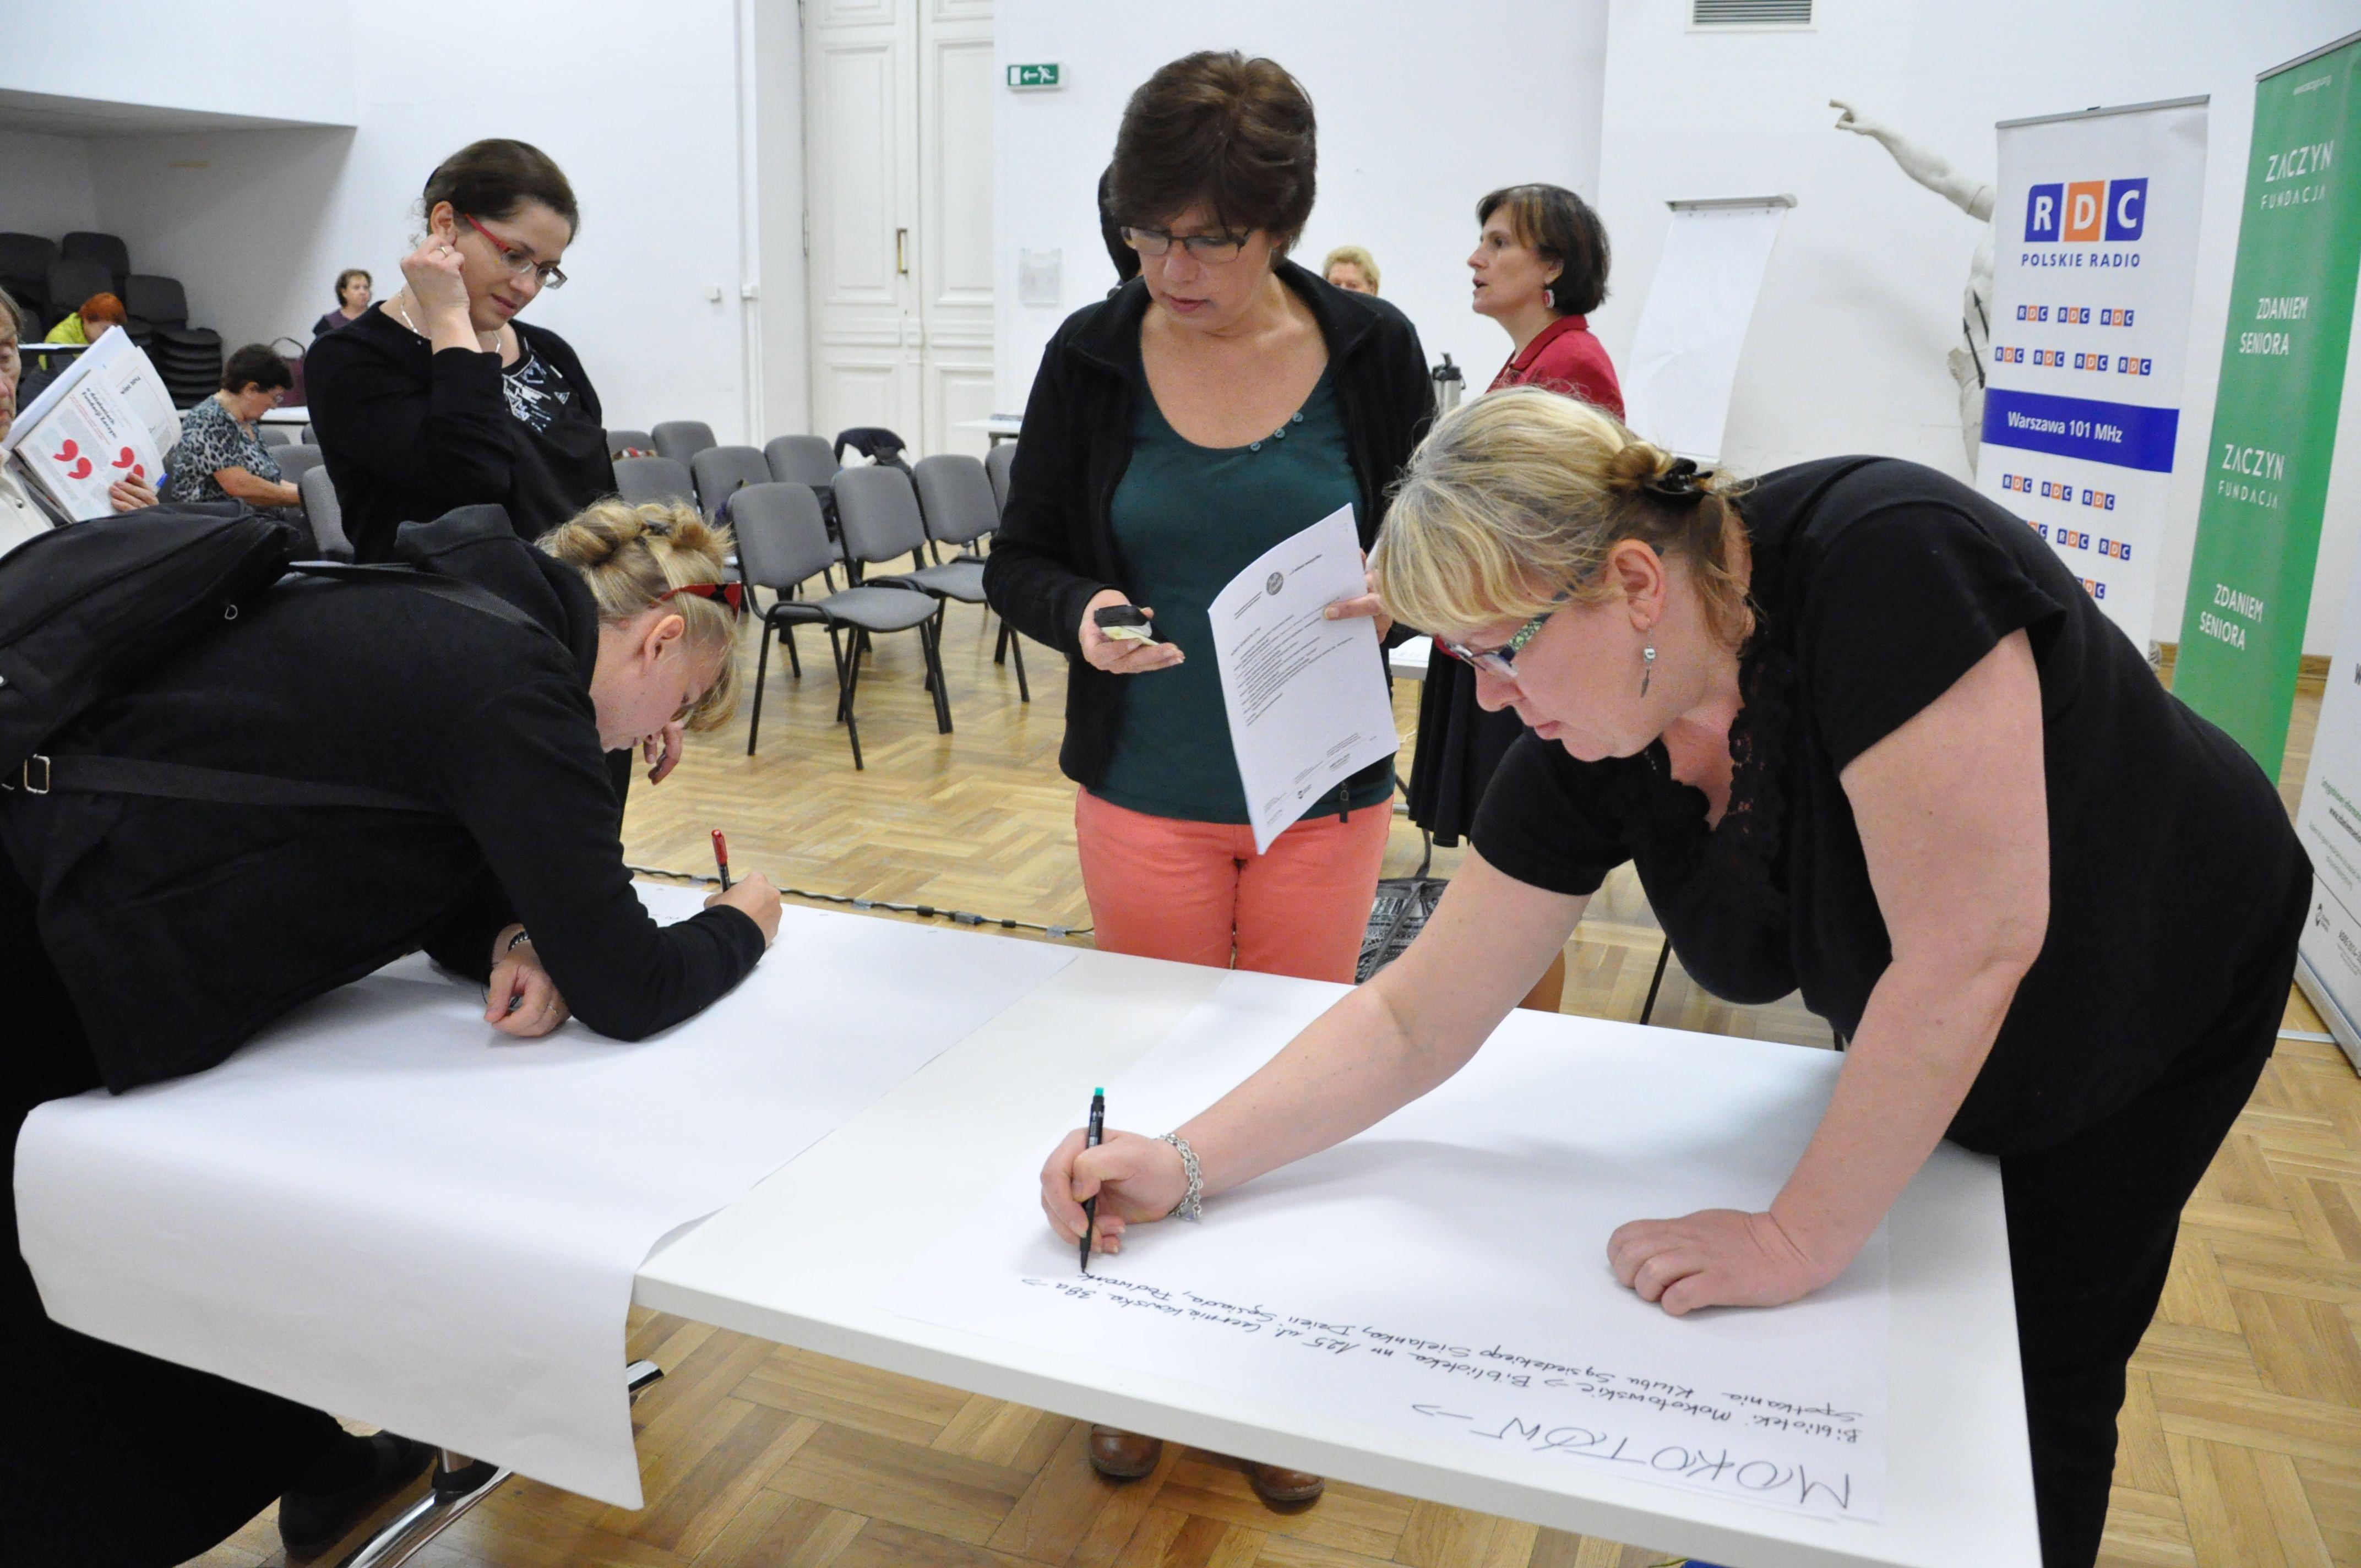 Mapowanie miejsc kultury-Zachęta-Fundacja ZACZYN (13)